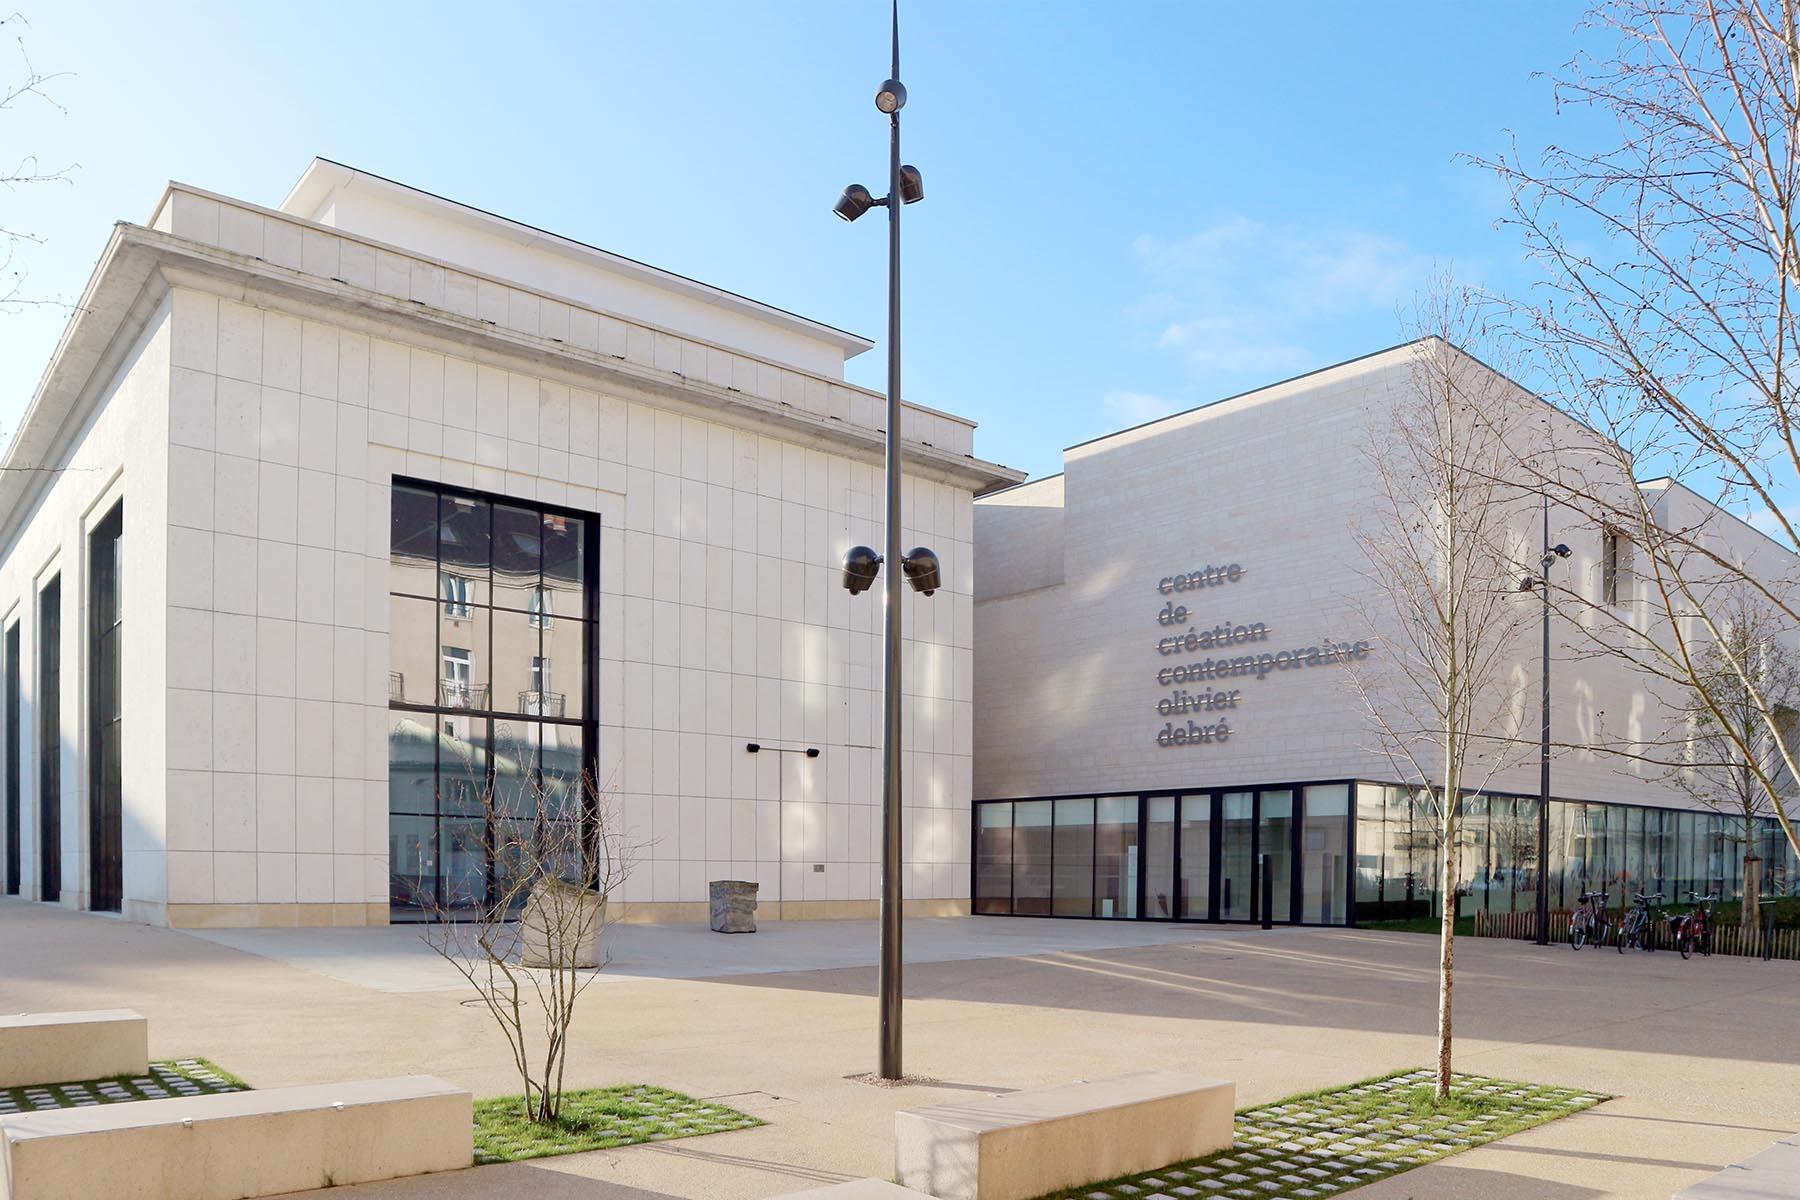 Tours. Sie entkernten und erweiterten eine bestehende Kunstakademie aus den 1950er-Jahren um einen schlichten Kubus mit gläsernem Sockelgeschoss.